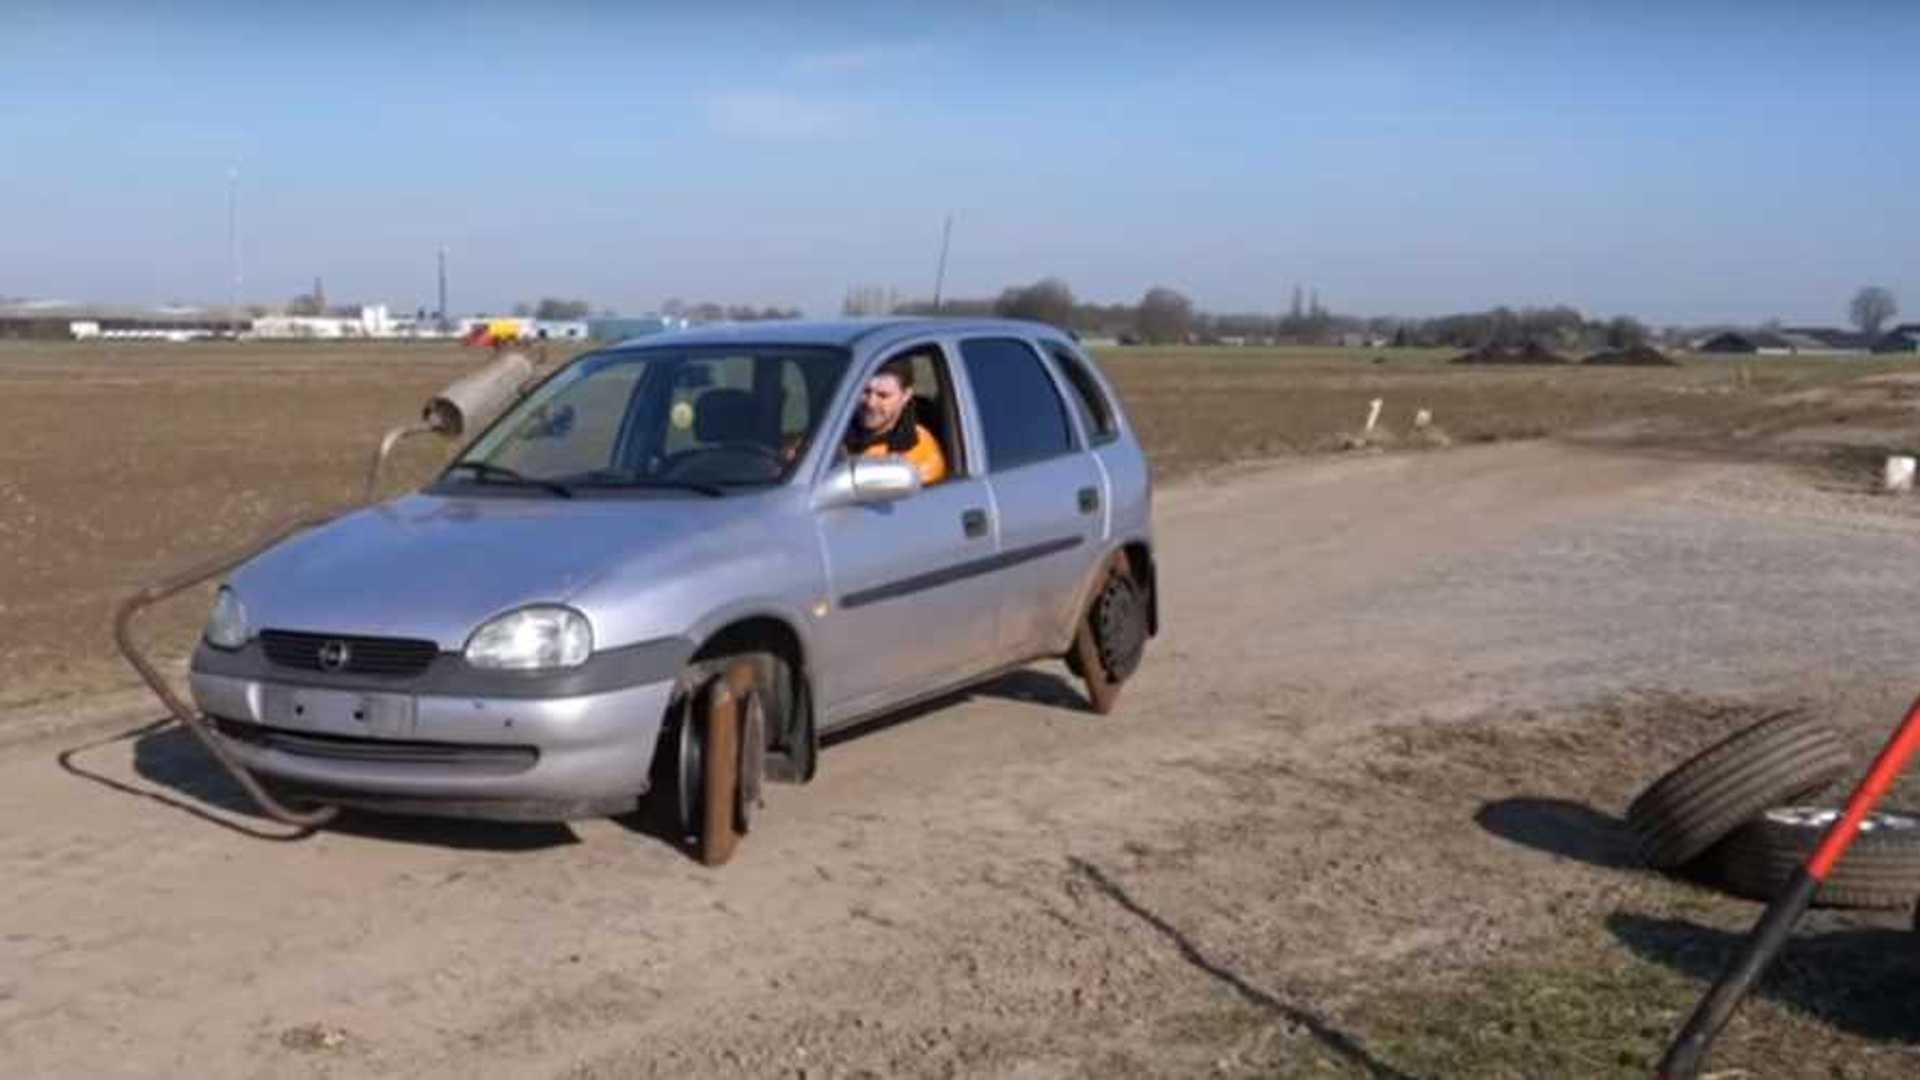 Square Wheels Guarantee Bumpy Ride Regardless Of Car